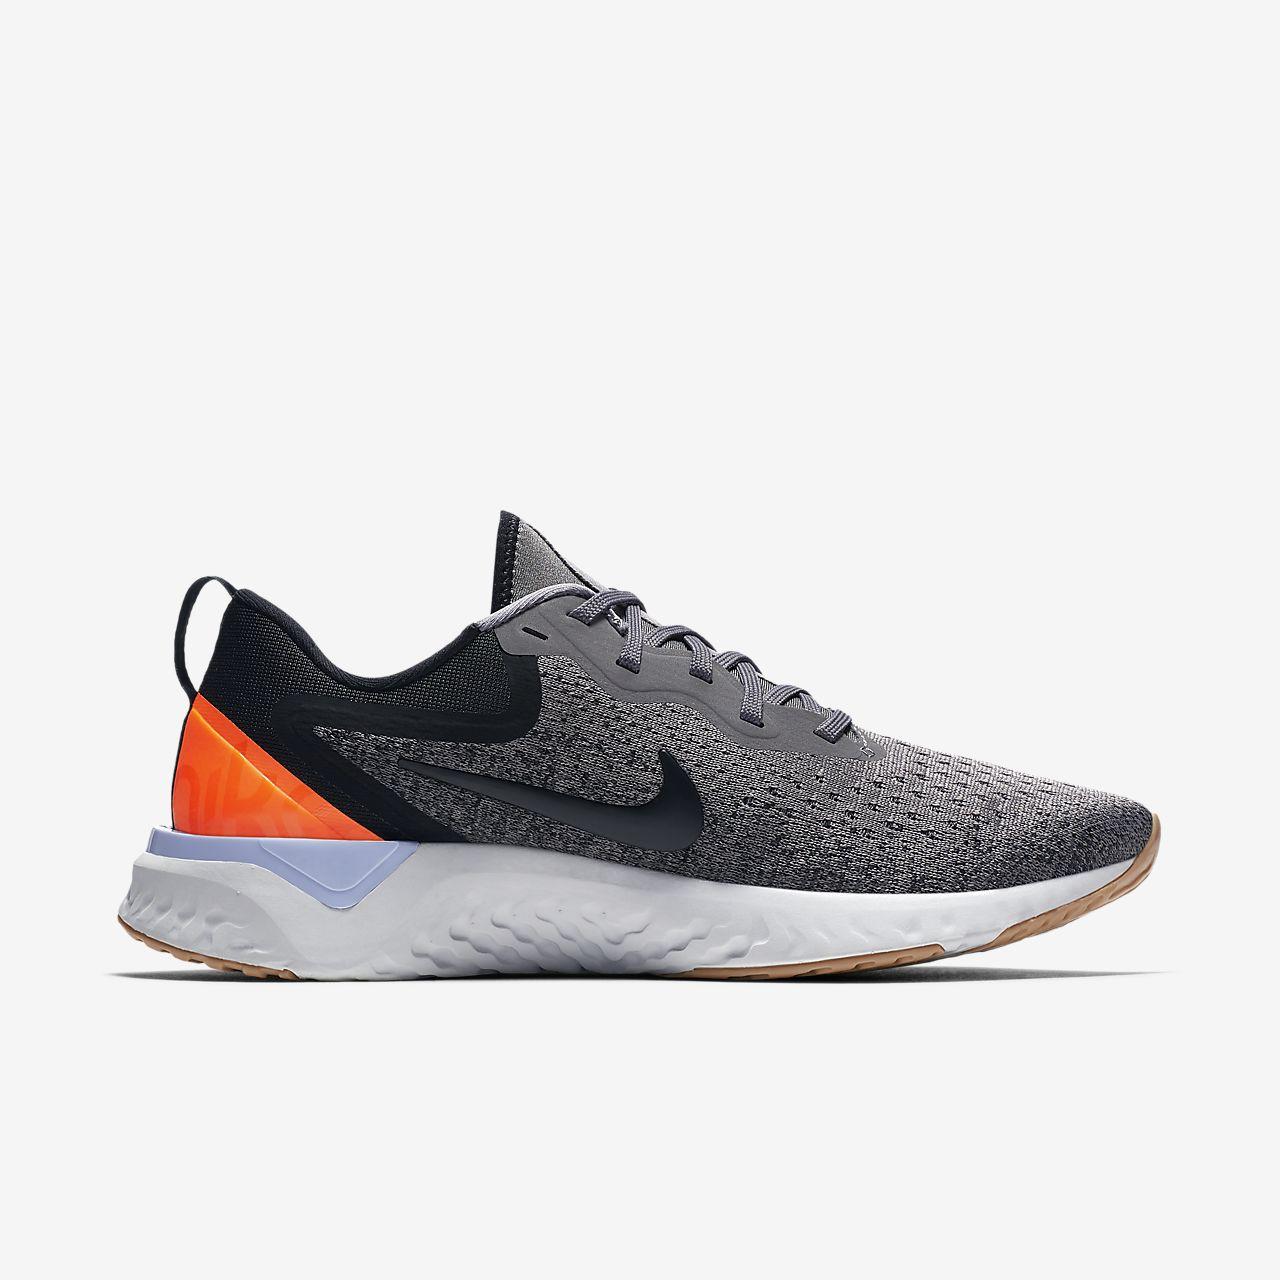 Nike Damen Laufschuhe Odyssey React AO9820-009 38.5 YnAgU1Vn